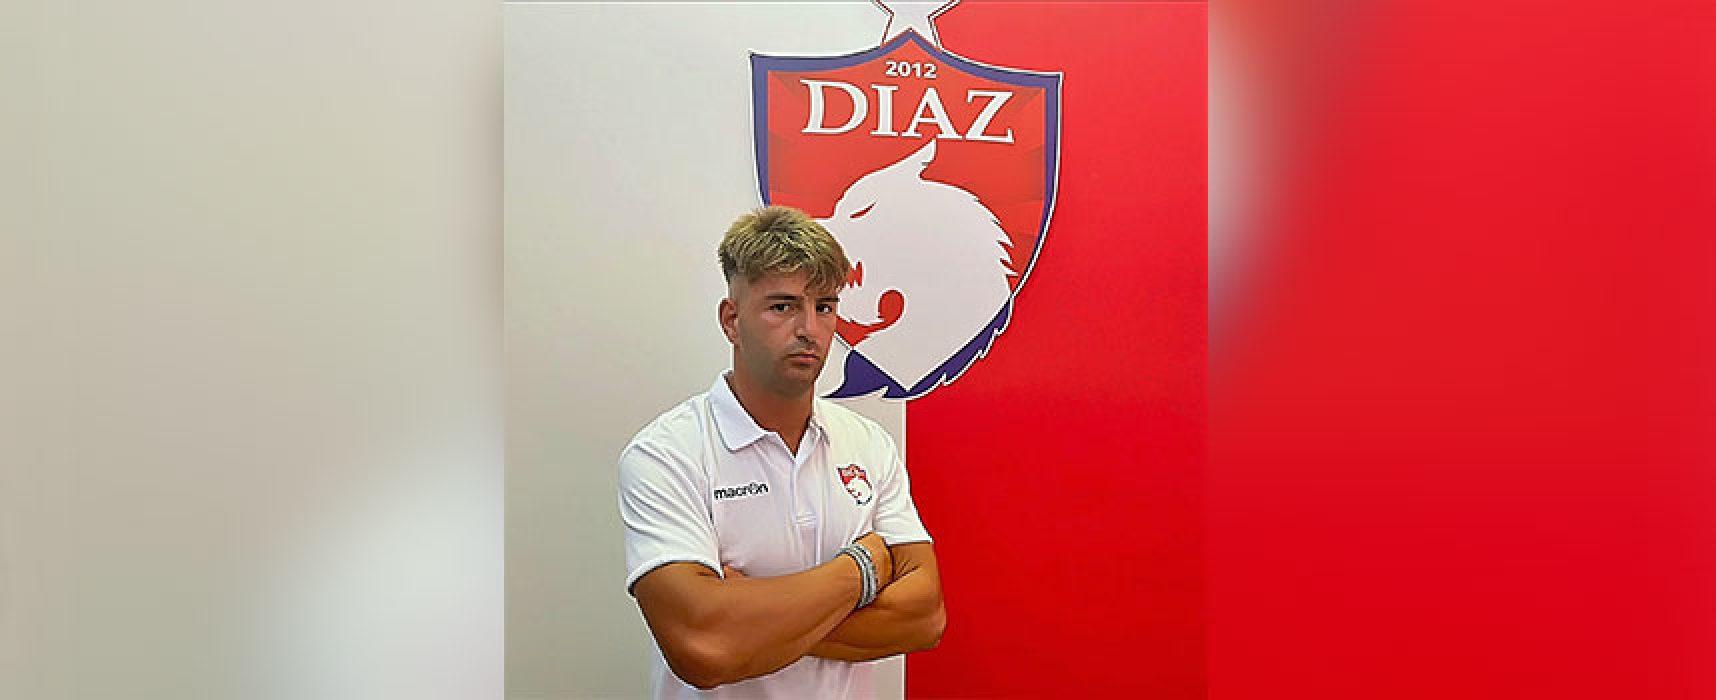 Forza e gol, la Diaz si porta a casa Divincenzo